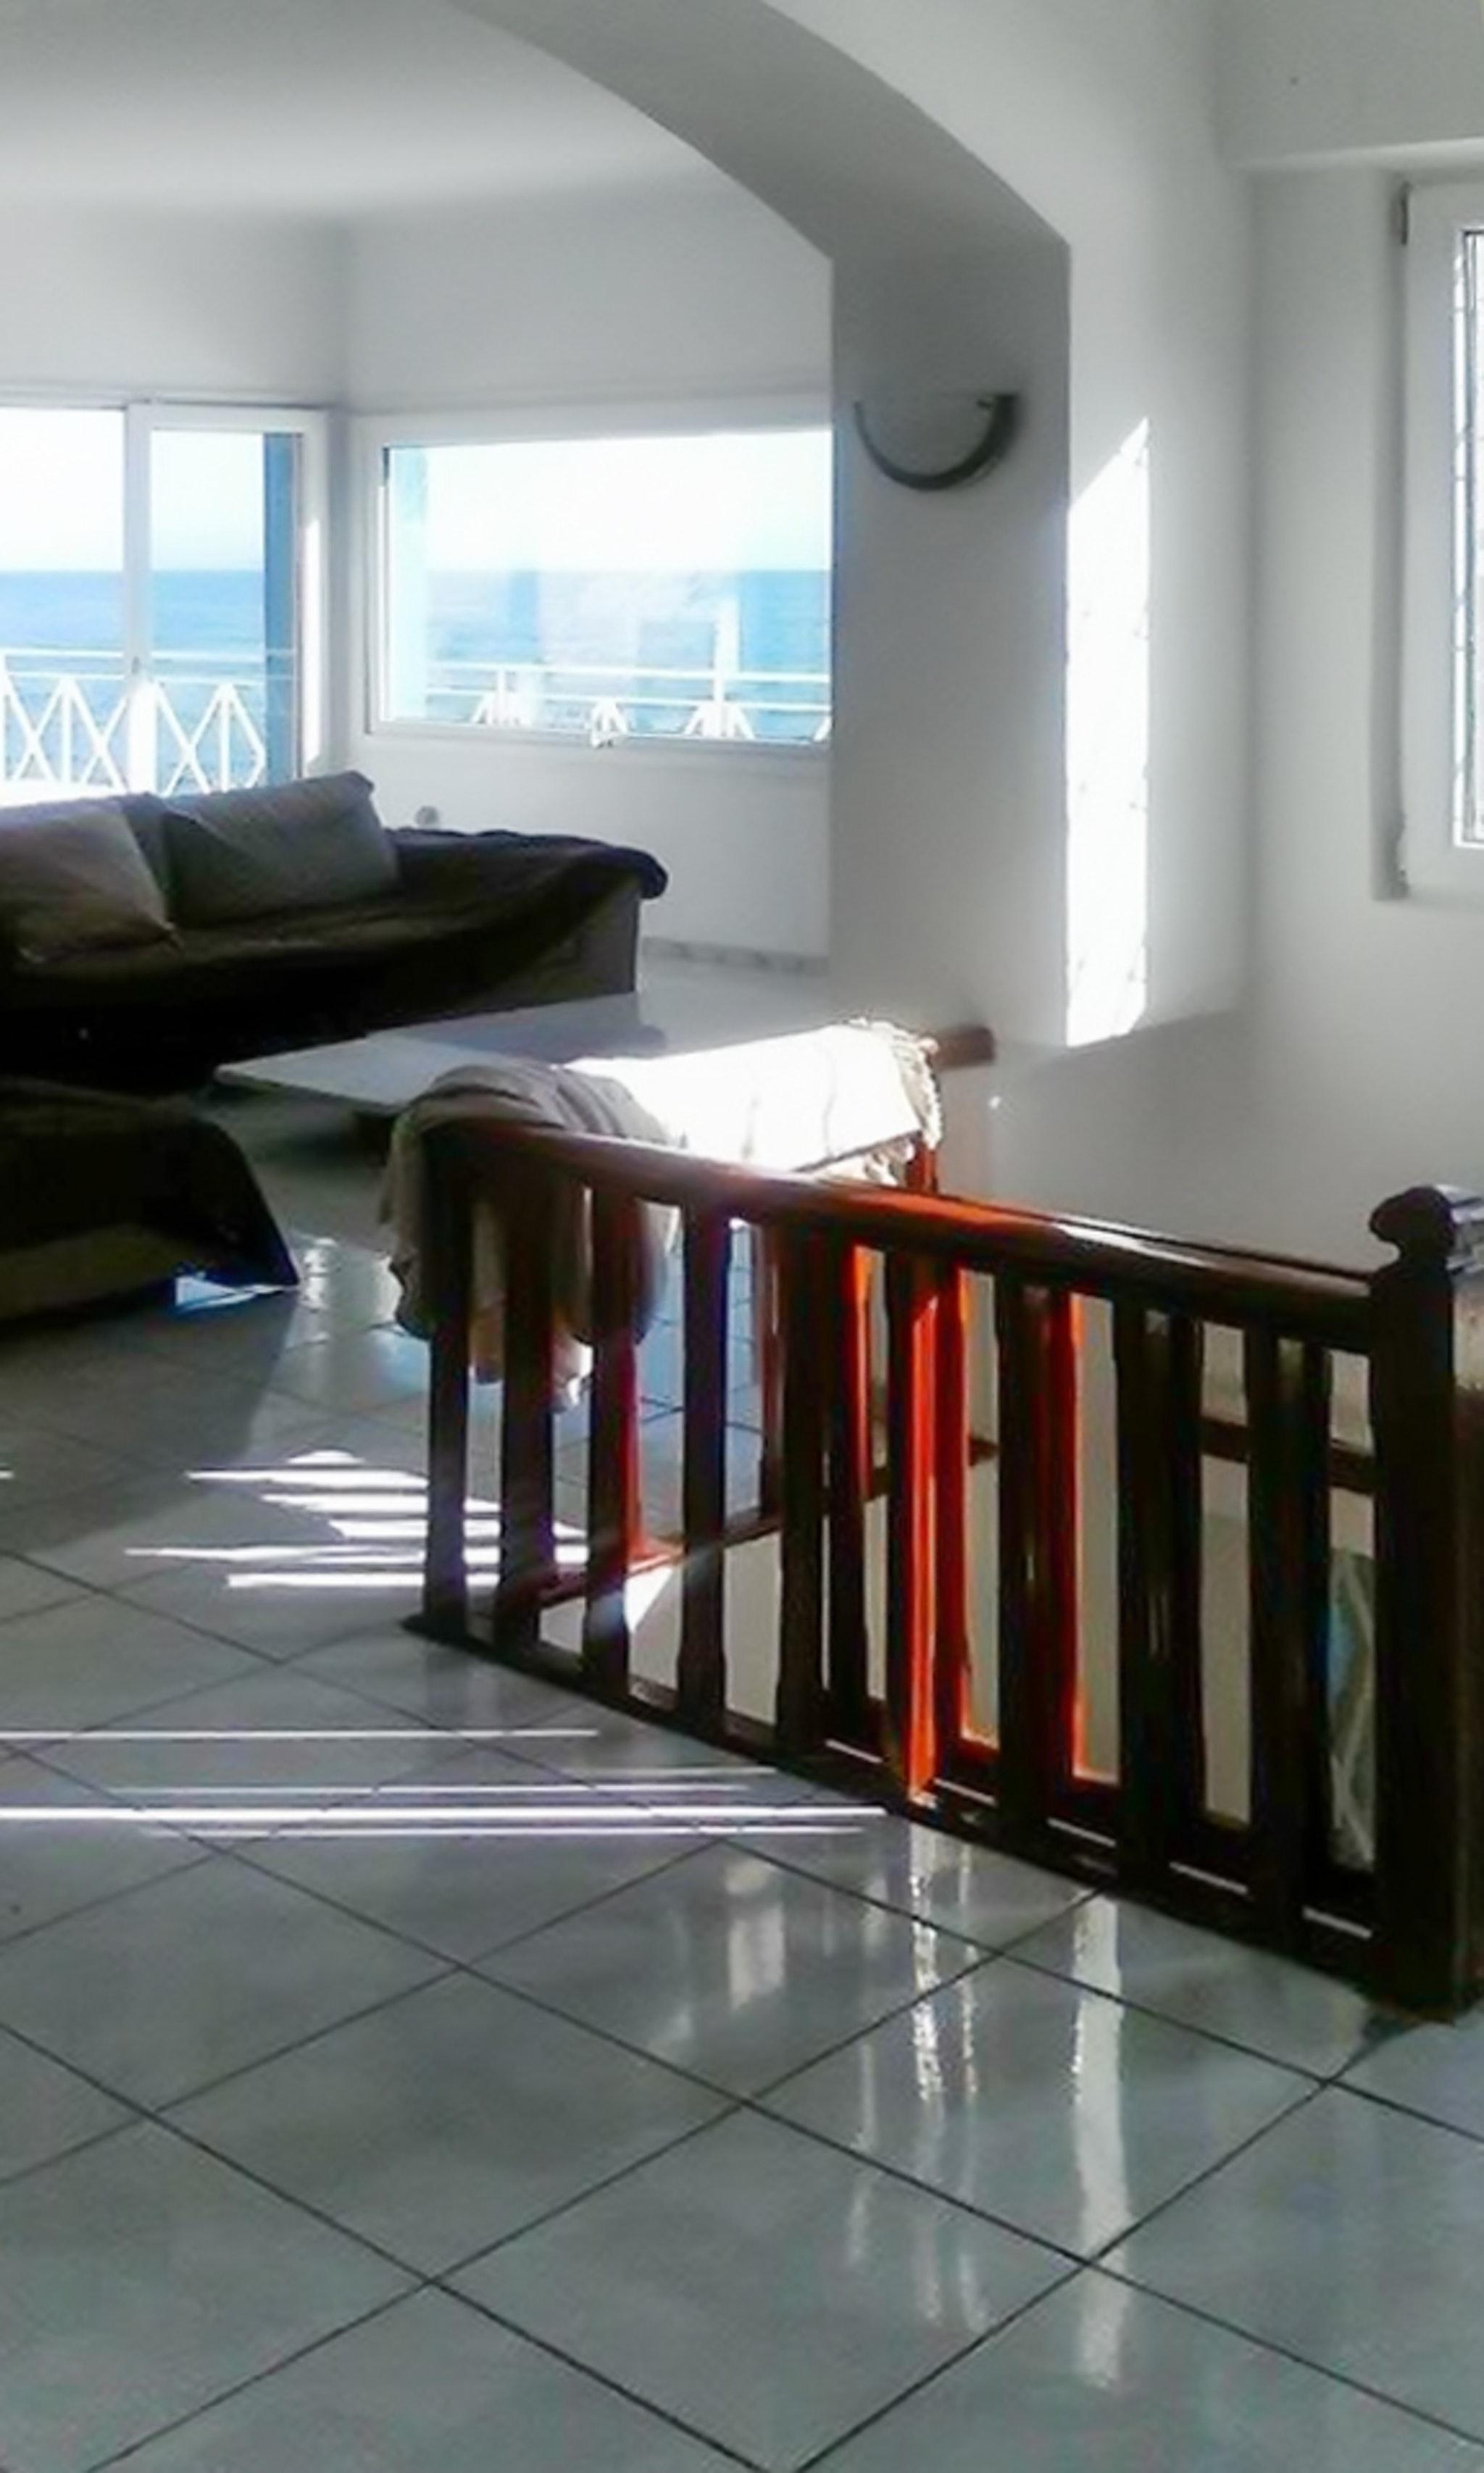 Ferienhaus Luxuriöse Villa in Megara direkt am Meer, mit wunderschöner Aussicht und möbliertem Balkon (2294781), Megara, , Attika, Griechenland, Bild 8